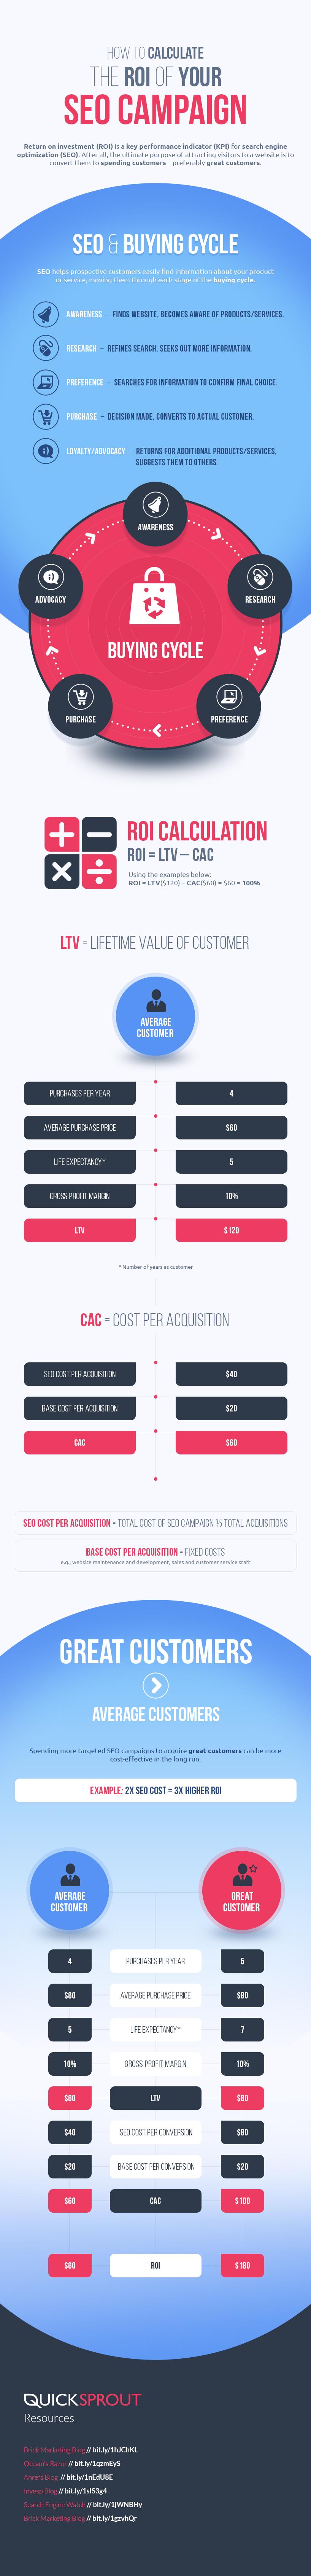 Come calcolare il ROI della tua attività SEO: una infografica